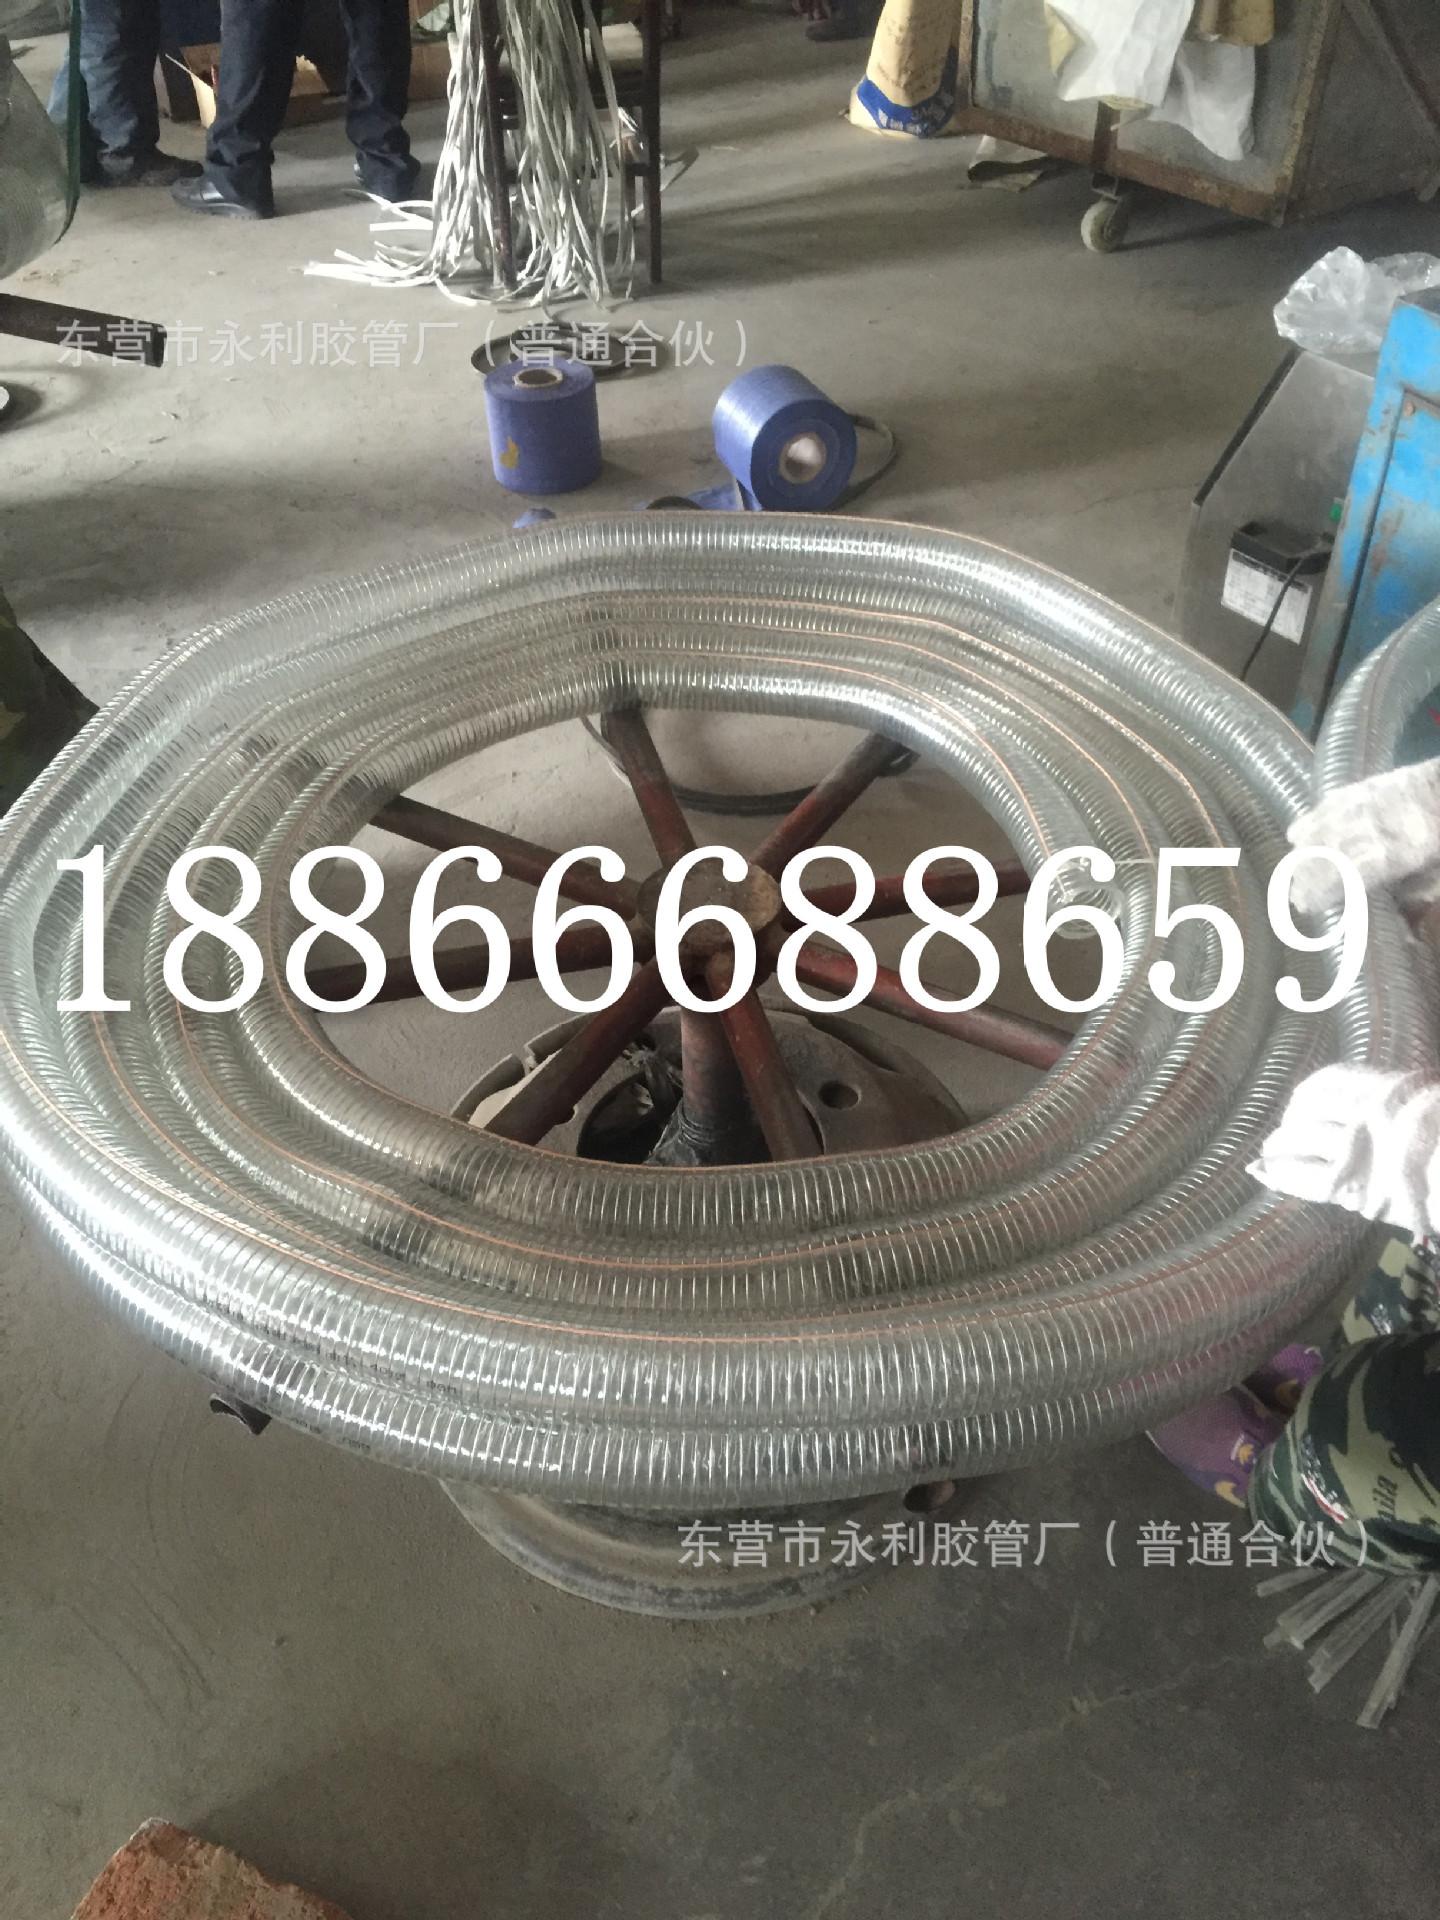 pvc钢丝增强软管透明耐酸碱腐蚀抗老化耐低温钢丝管PVC软管